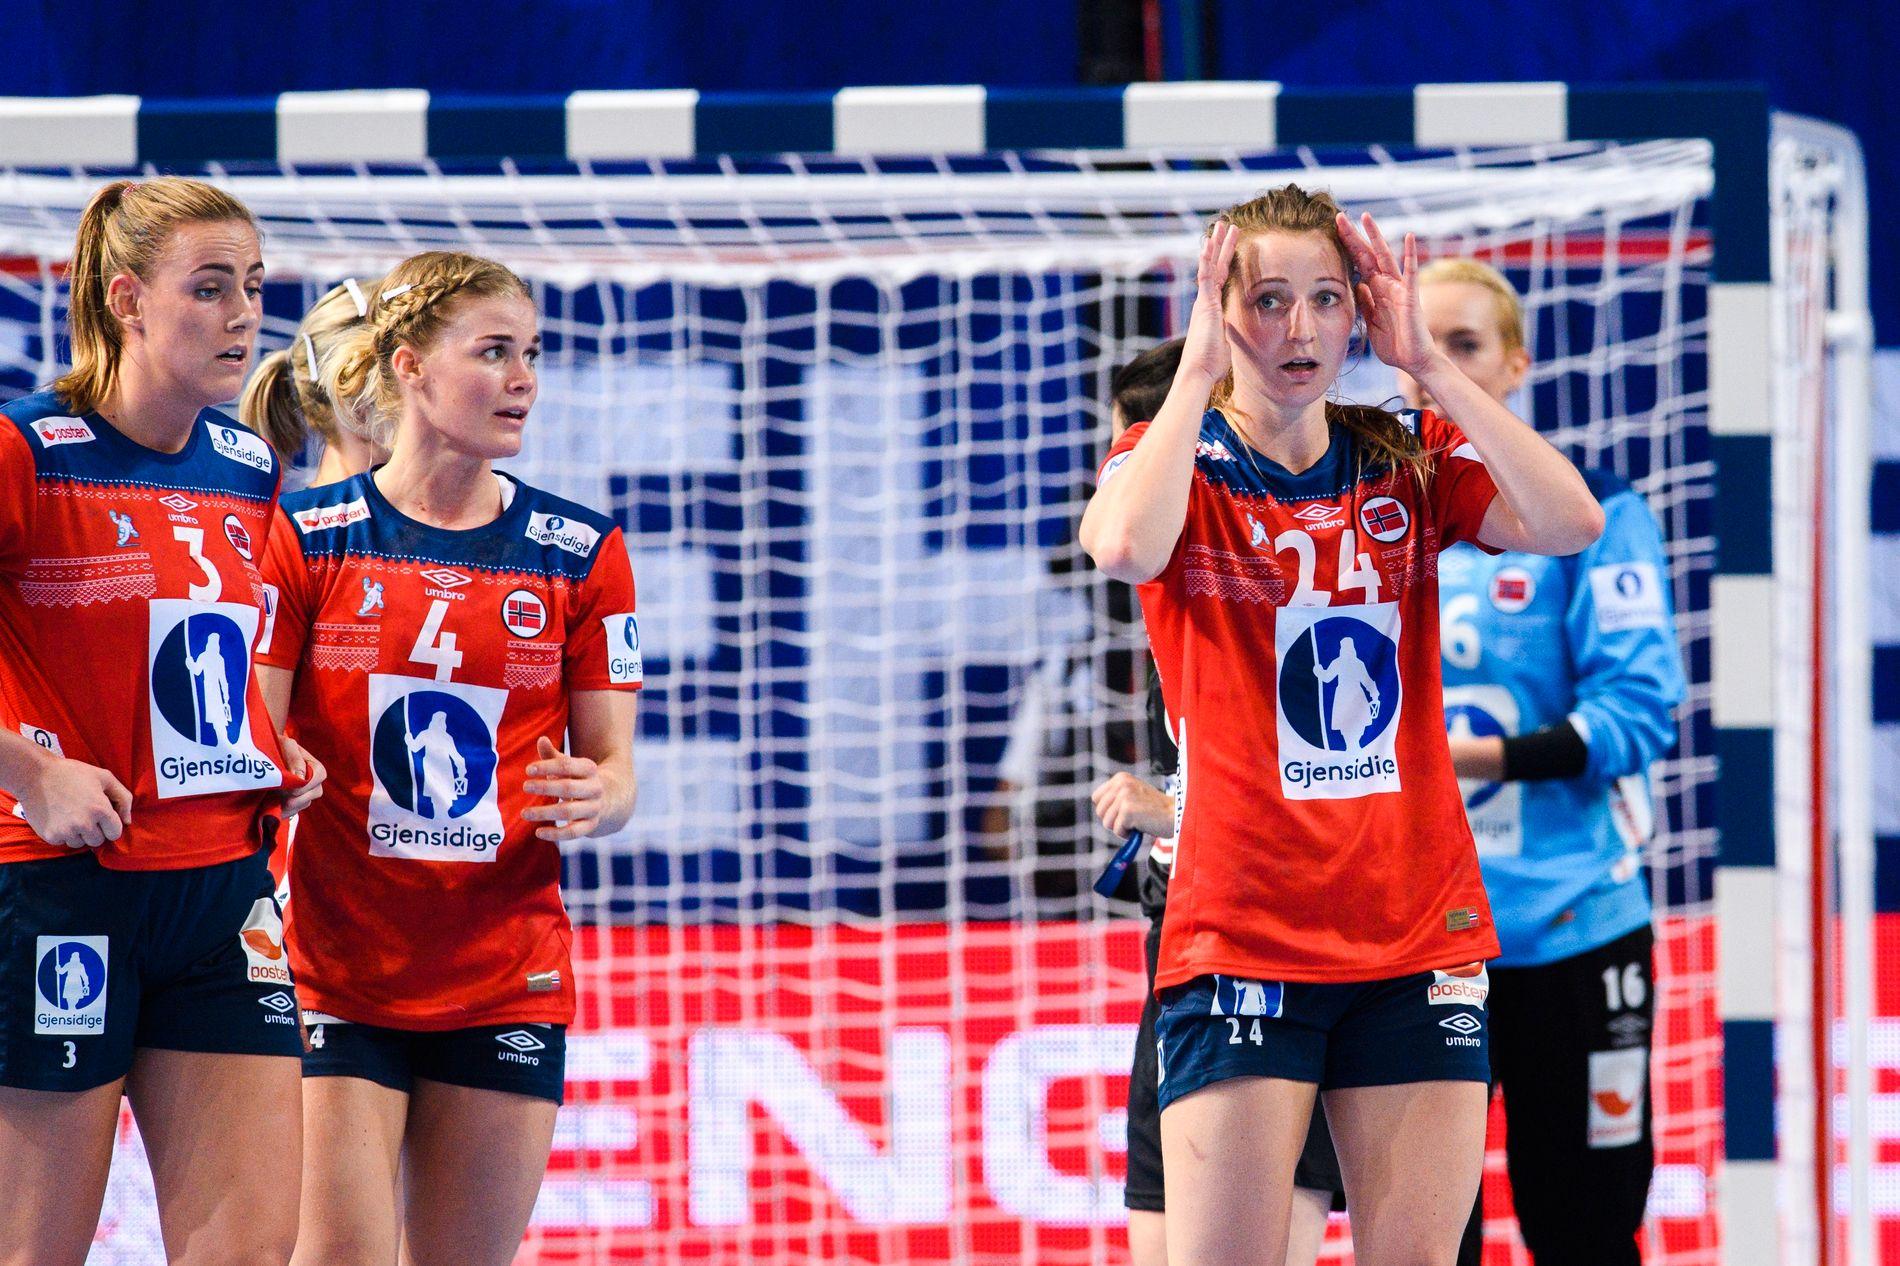 Ikke til å tro. Sanna Solberg tar seg til hodet. Emilie Hegh Arntzen og Veronica Kristiansen er heller ikke i perlehumør.